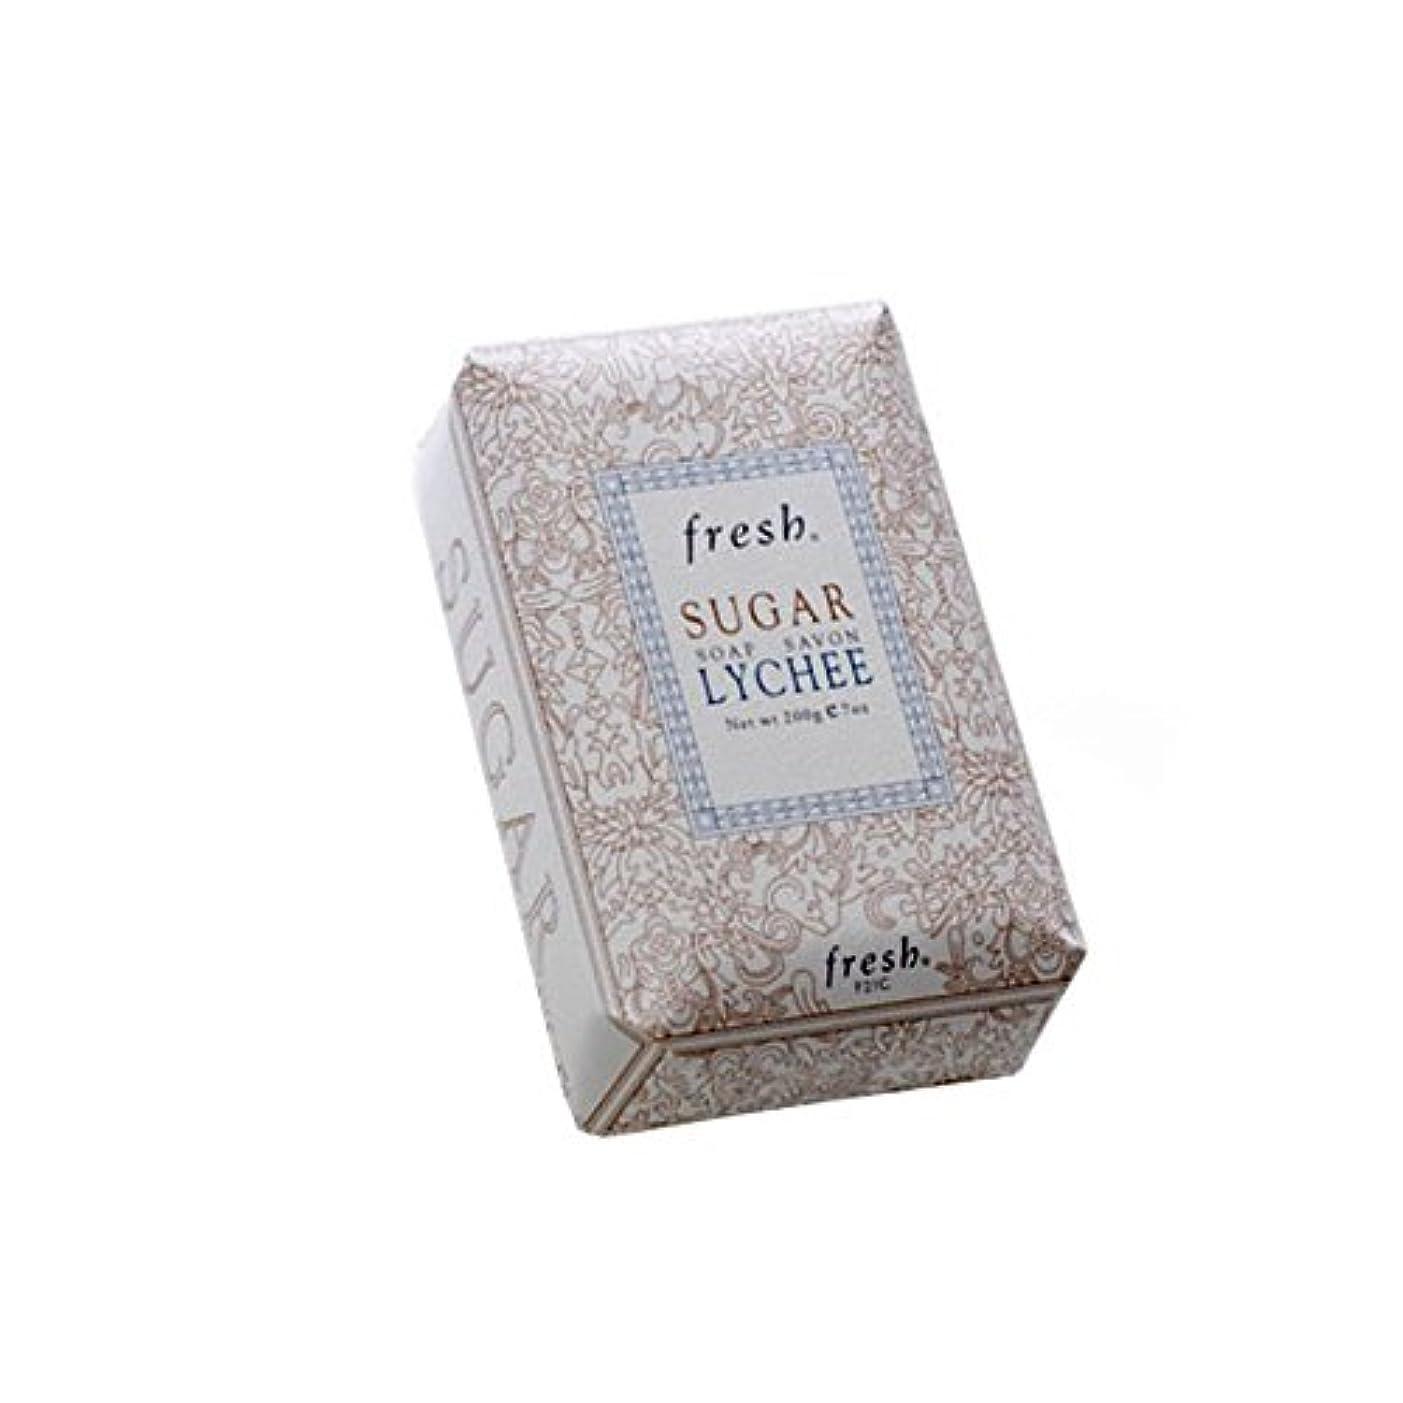 ファンネルウェブスパイダーもっとフルーツ野菜Fresh フレッシュ シュガーライチ石鹸 Sugar Lychee Soap, 200g/7oz [海外直送品] [並行輸入品]